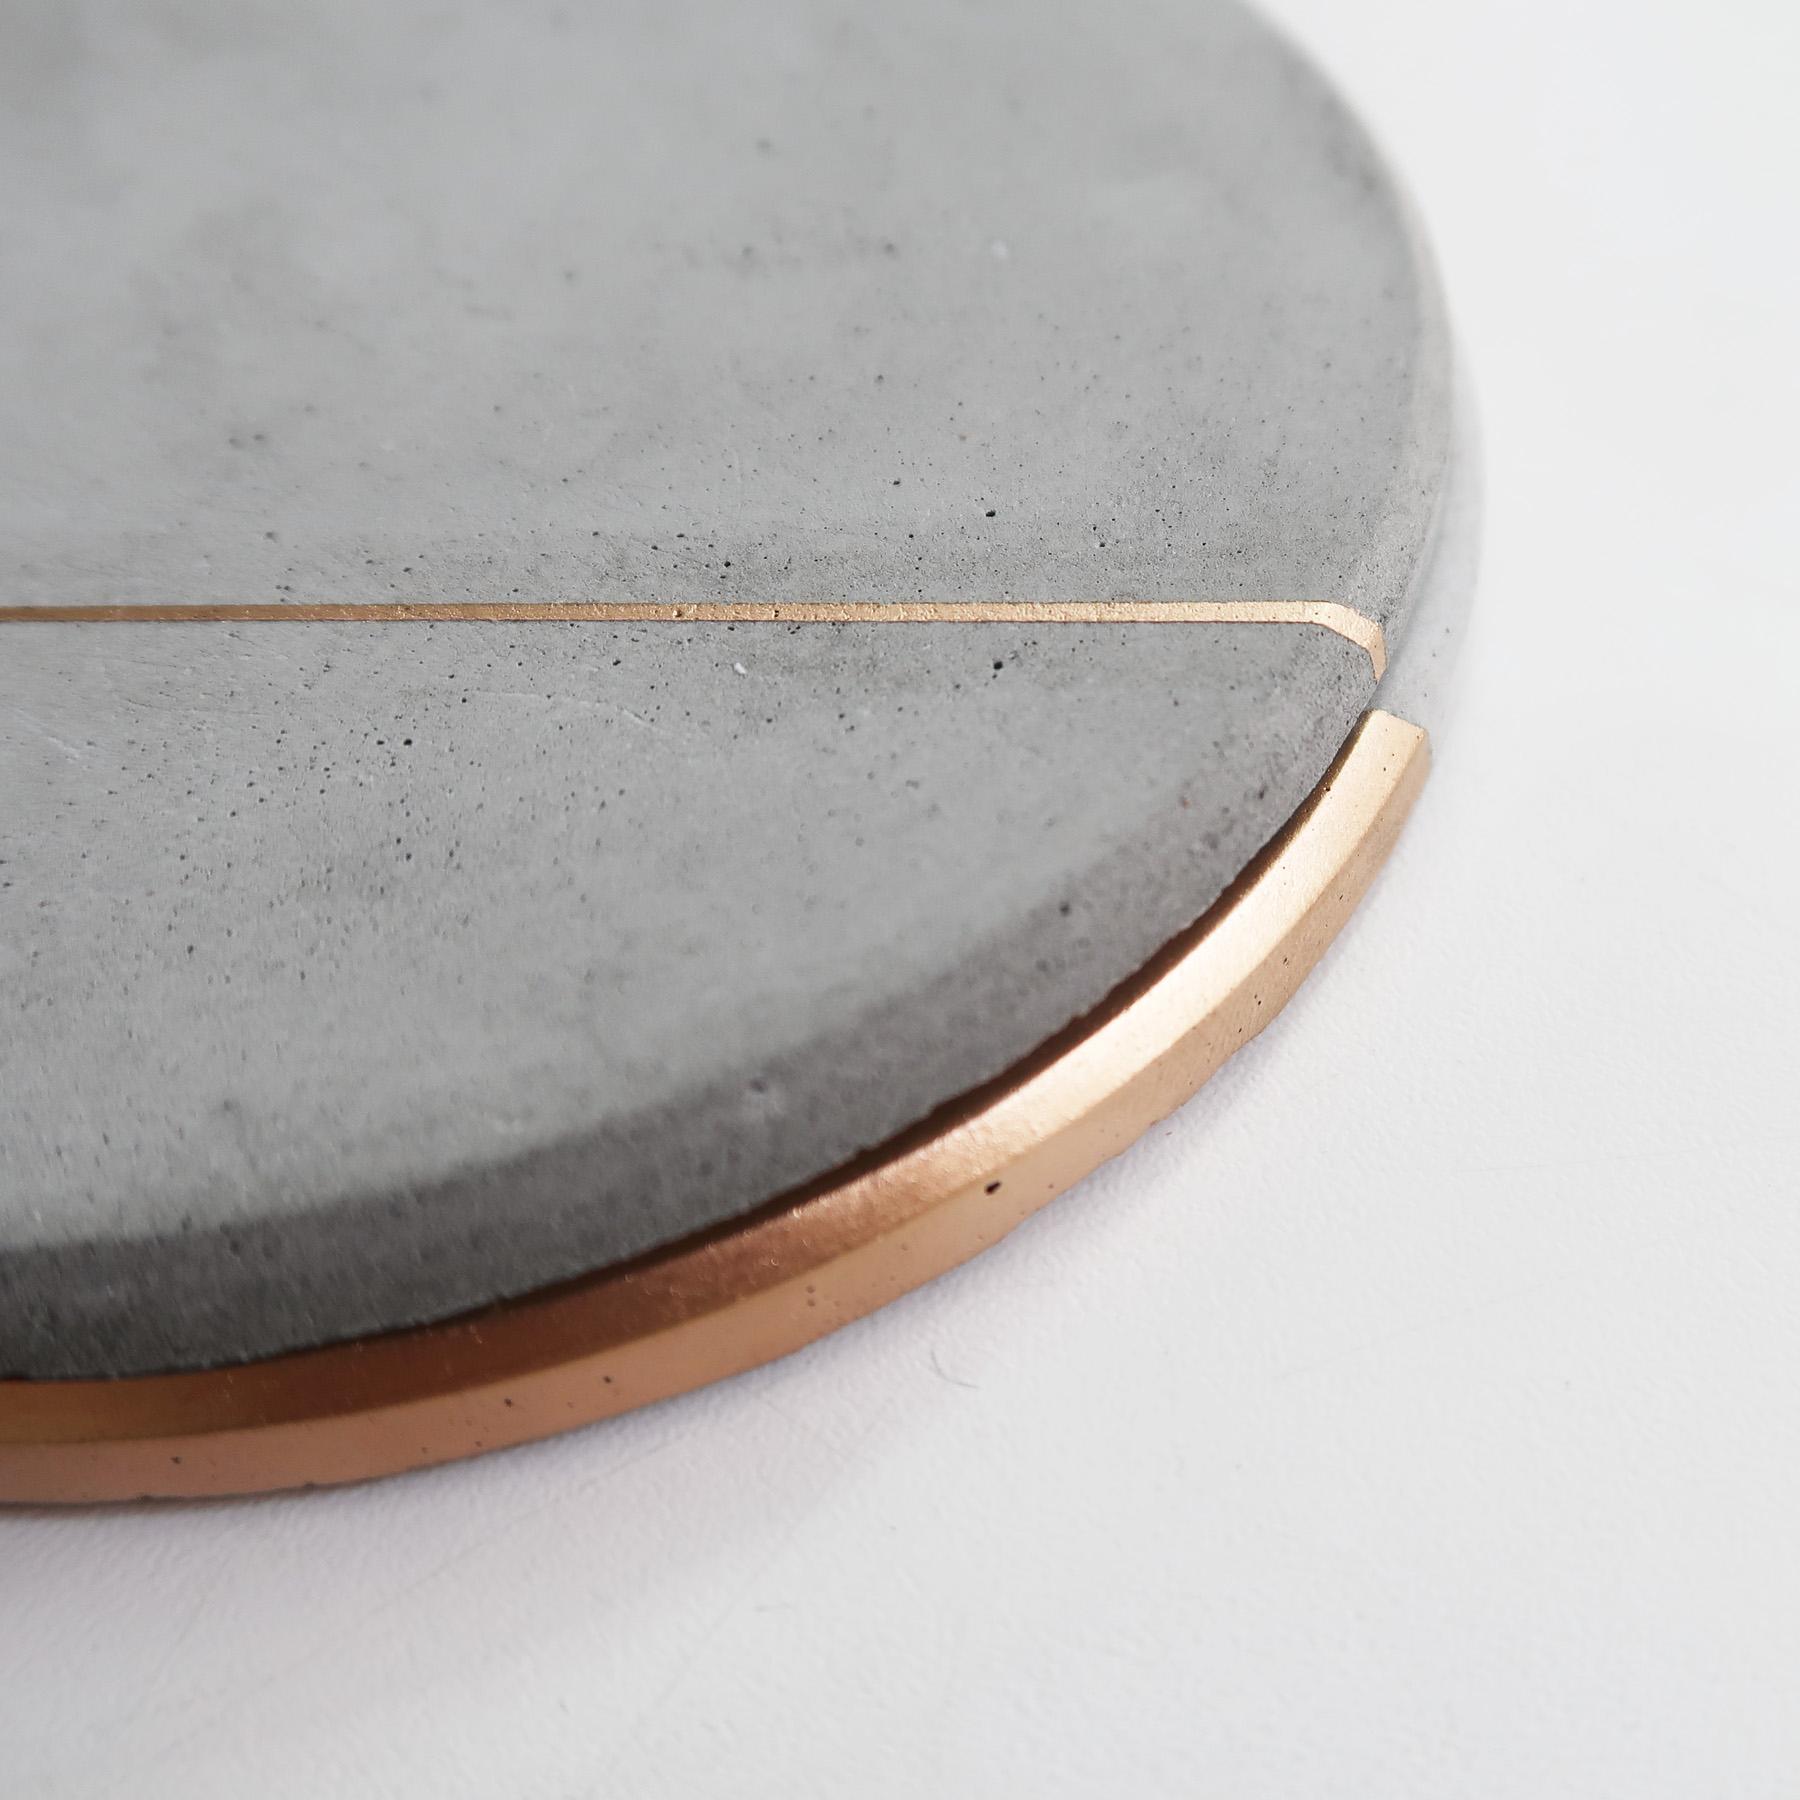 Concrete Design 曙光金線水泥吸水圓墊・杯墊・飾品盤 - 倒角設計